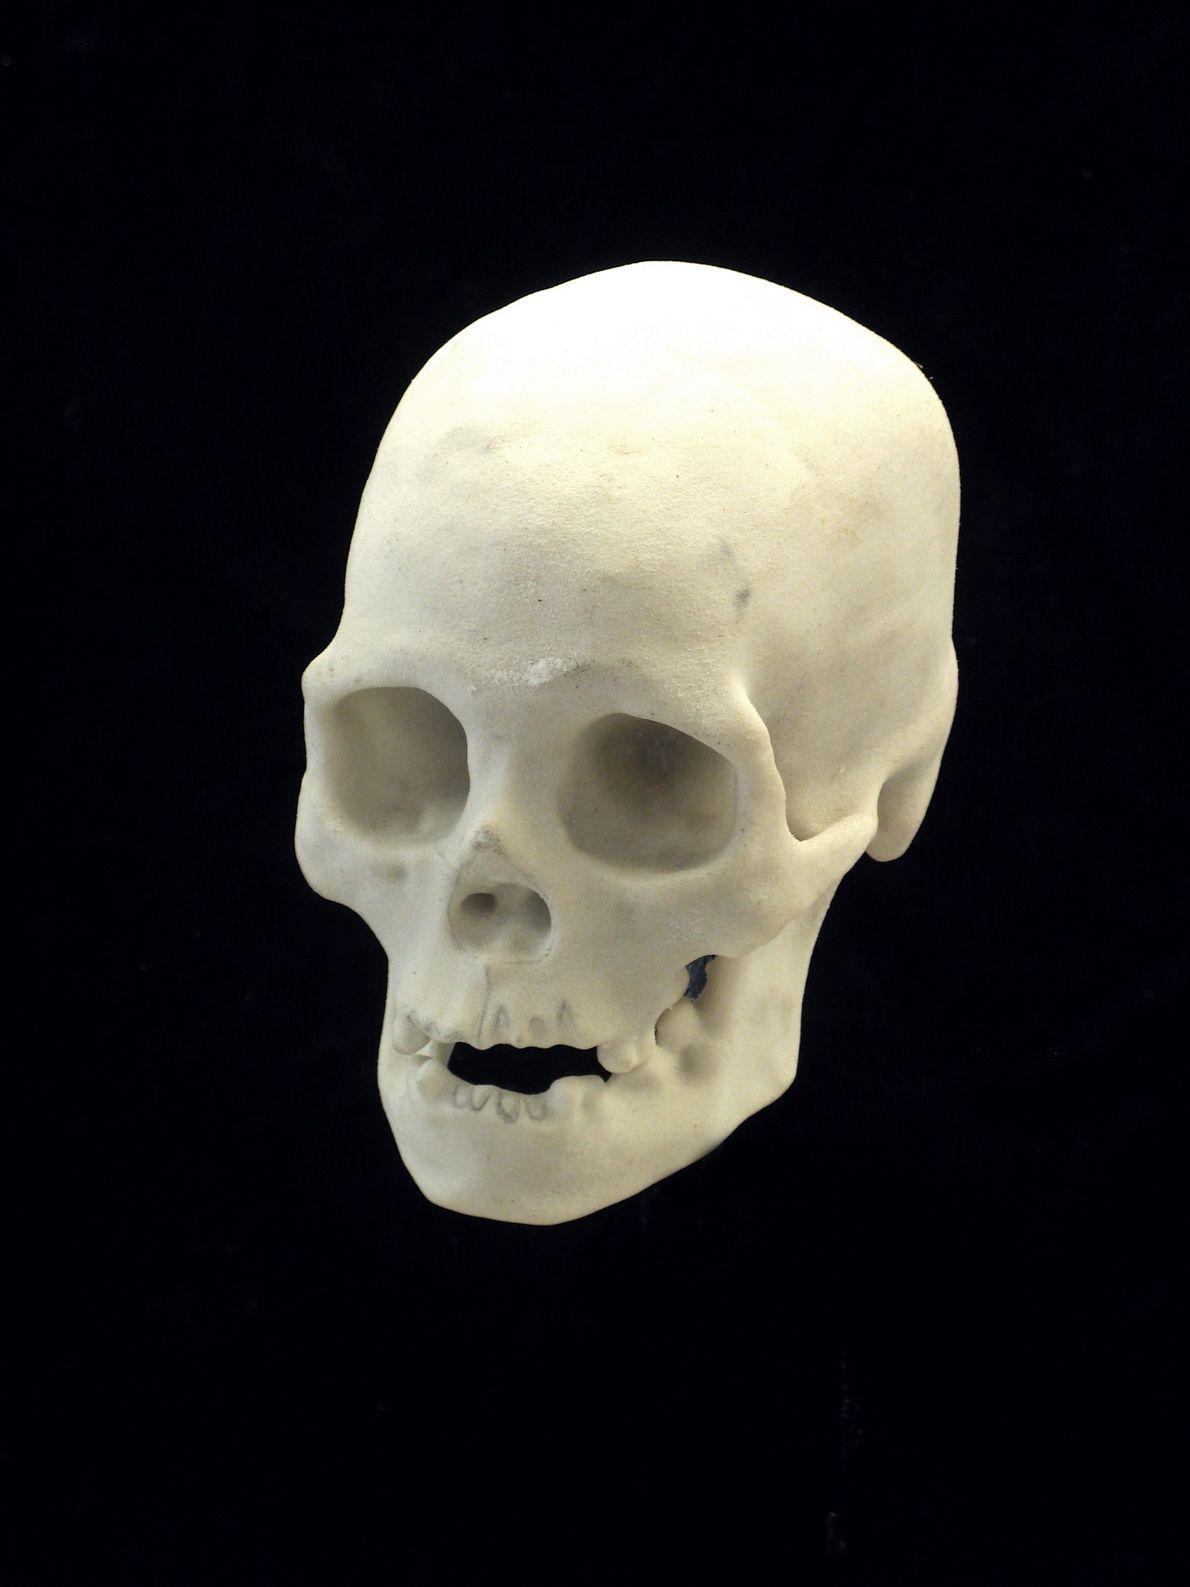 Le crâne a été scanné et modélisé en 3D pour servir de base à la reconstruction.